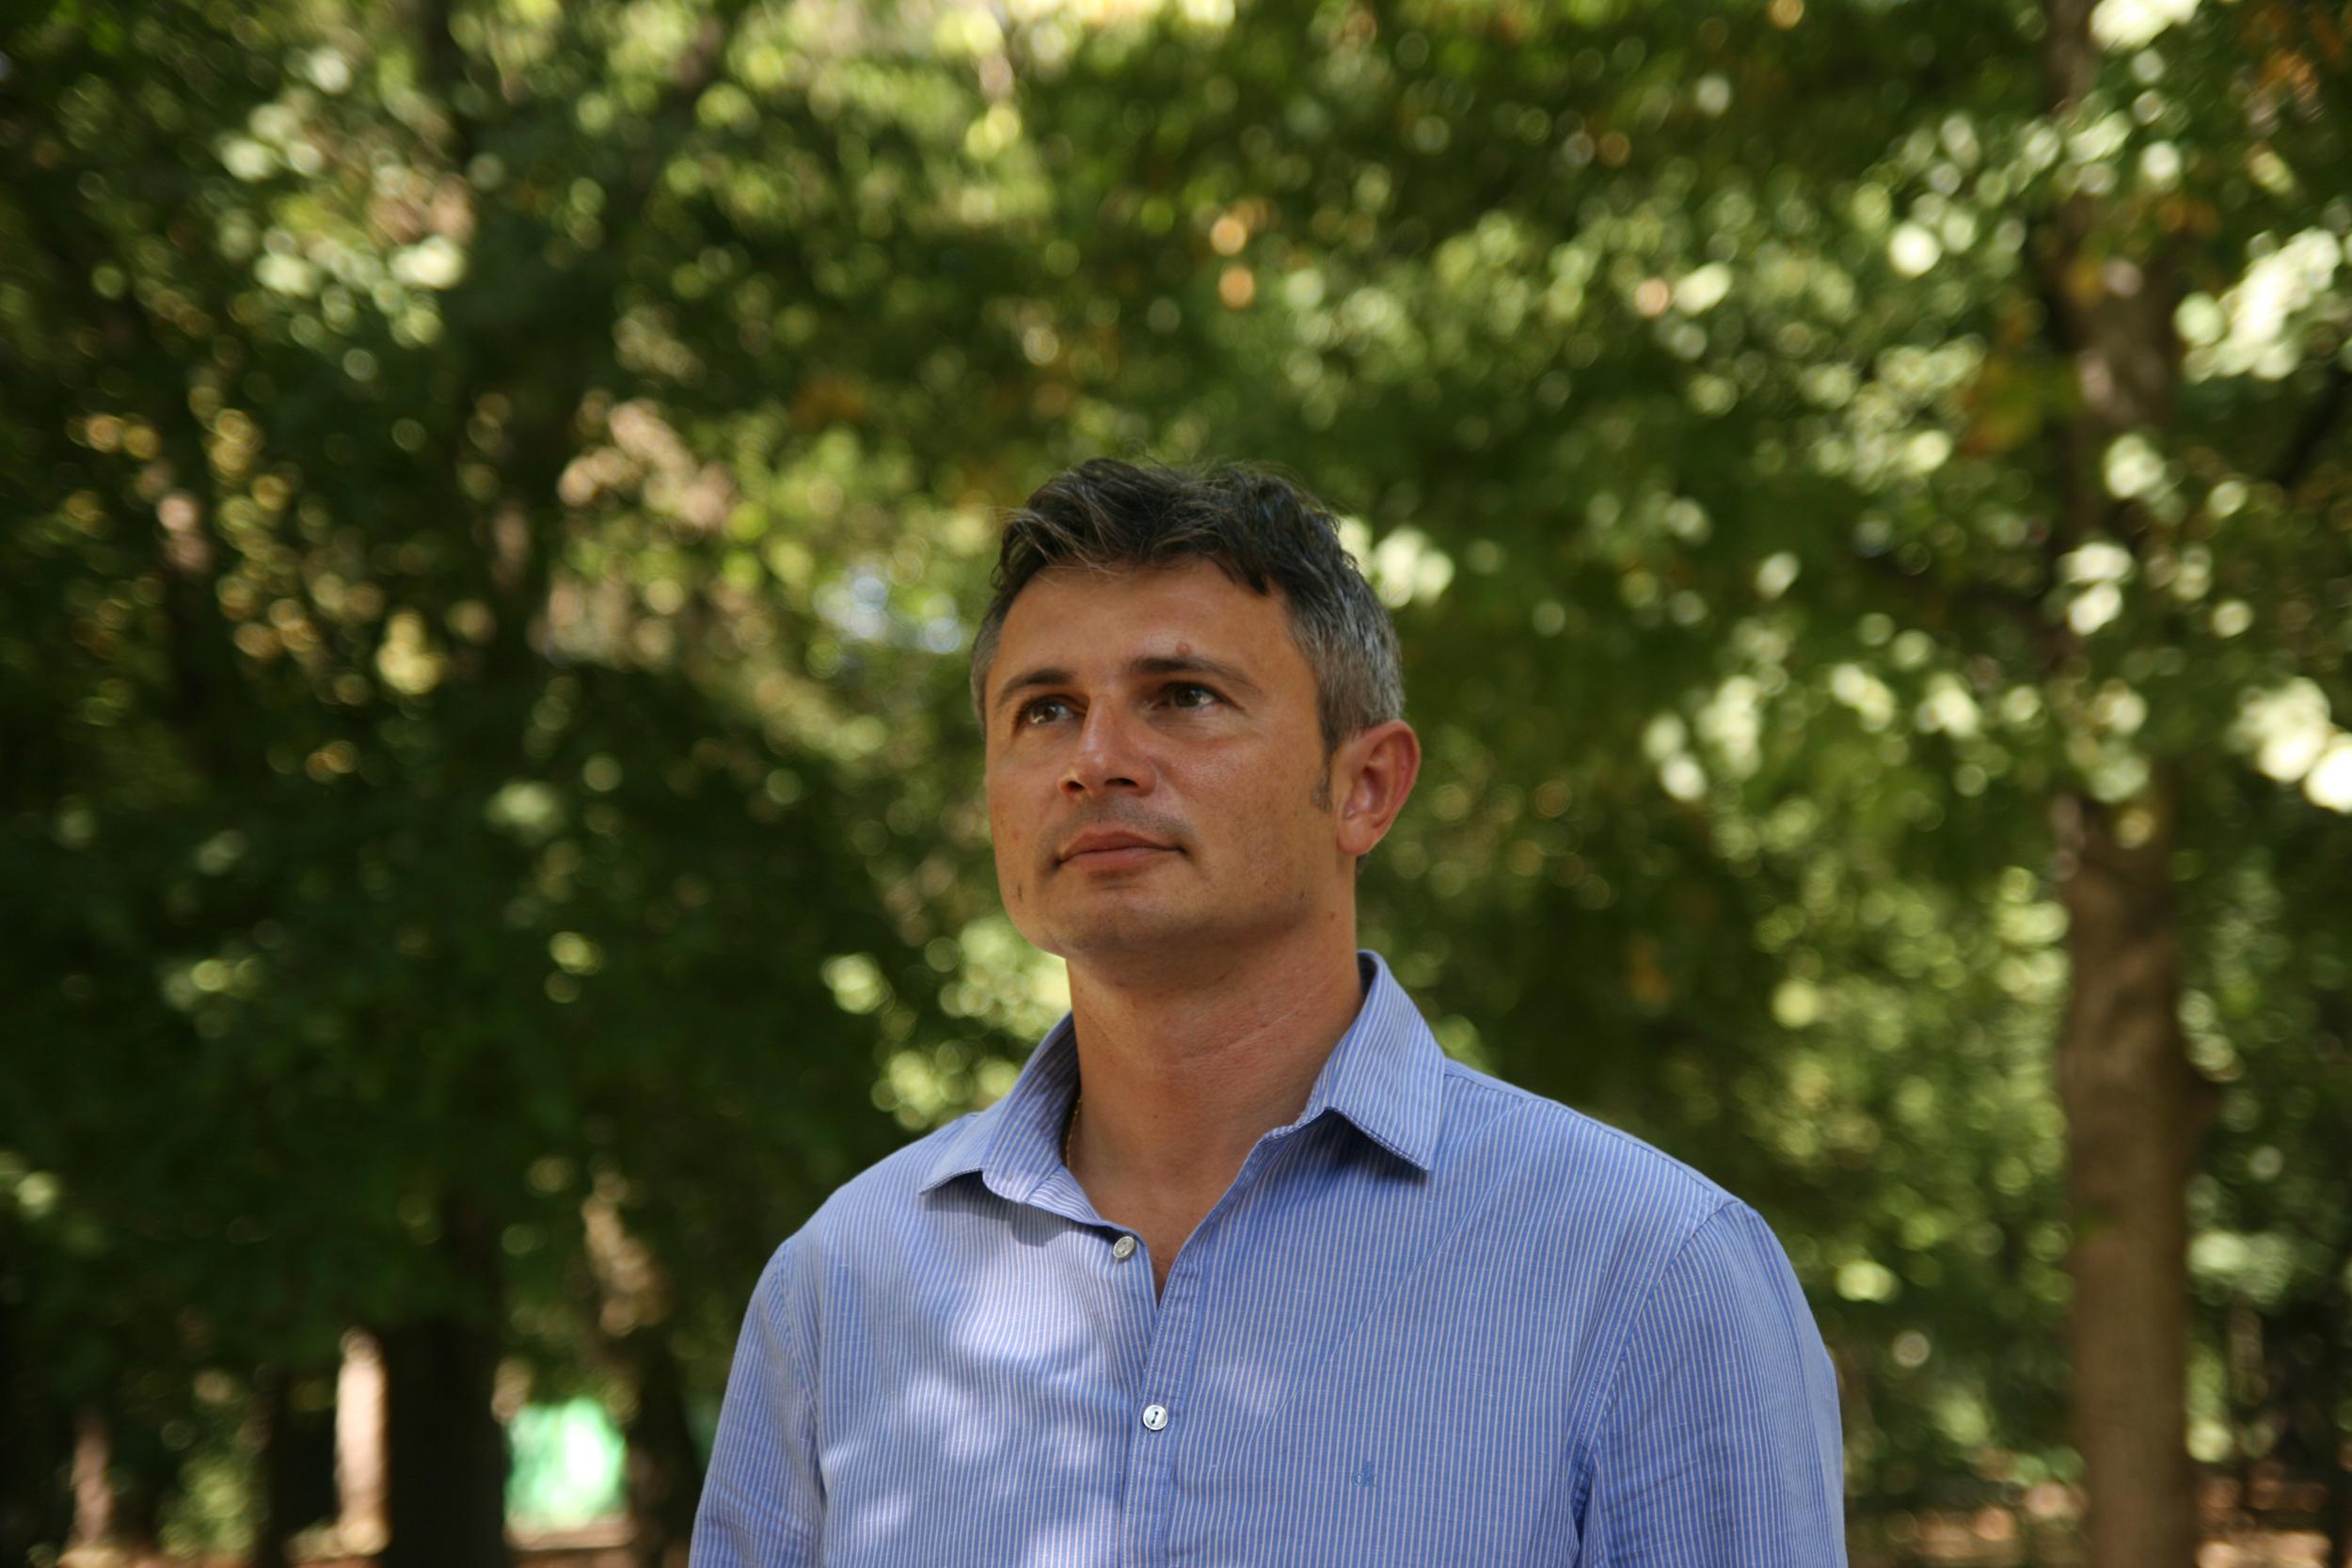 Sorin Miron Directorul General al Grupului de firme Somaco - Grupul de firme Somaco finalizeaza proiectul